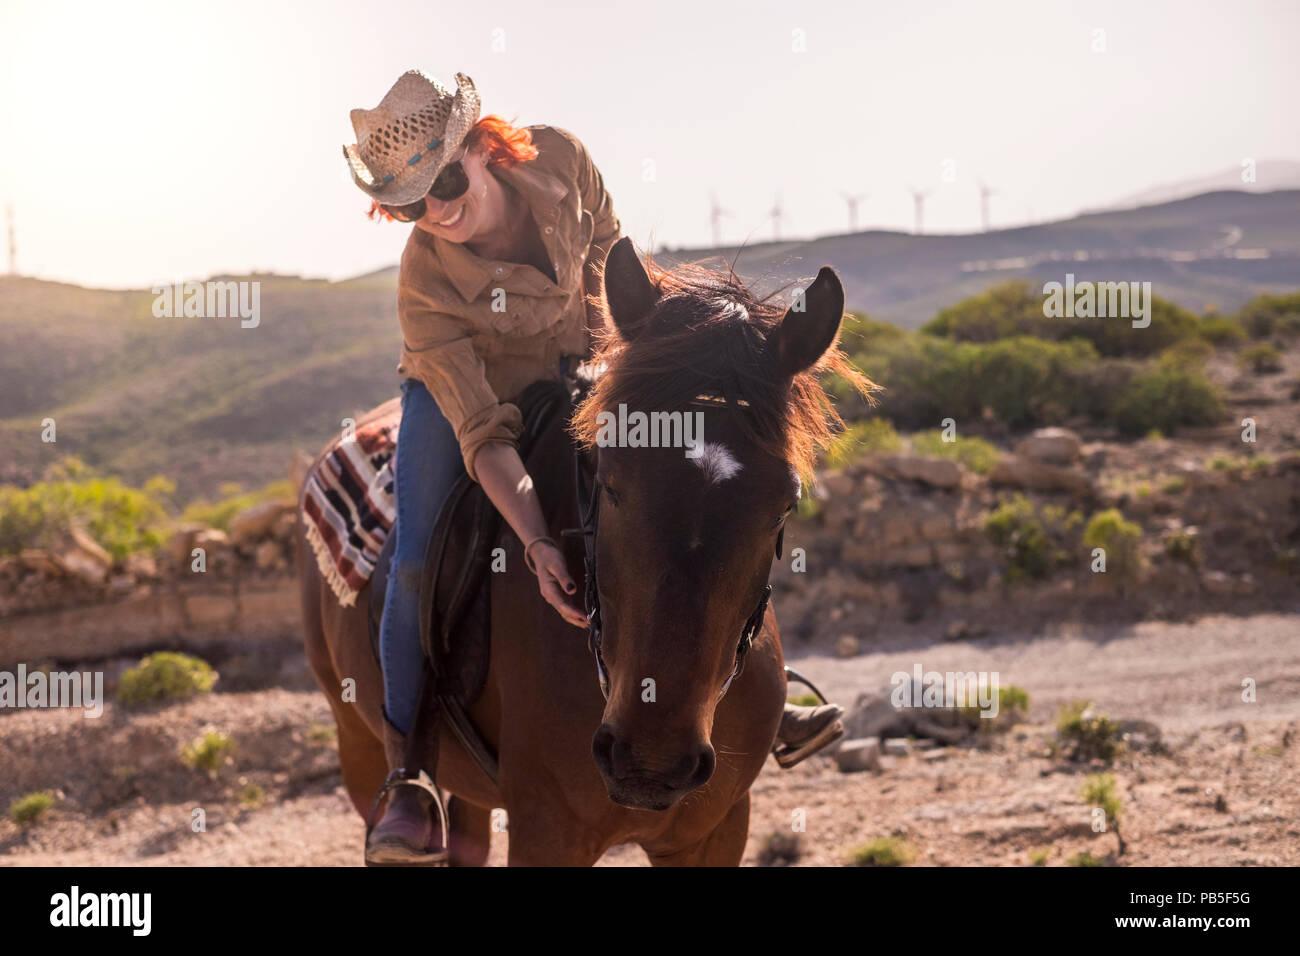 Alegre el cabello rojo dama ride un hermoso caballo marrón en amistad y disfrutar el día al aire libre juntos. Relación y terapia con mascotas. contento y alegría la vida Imagen De Stock